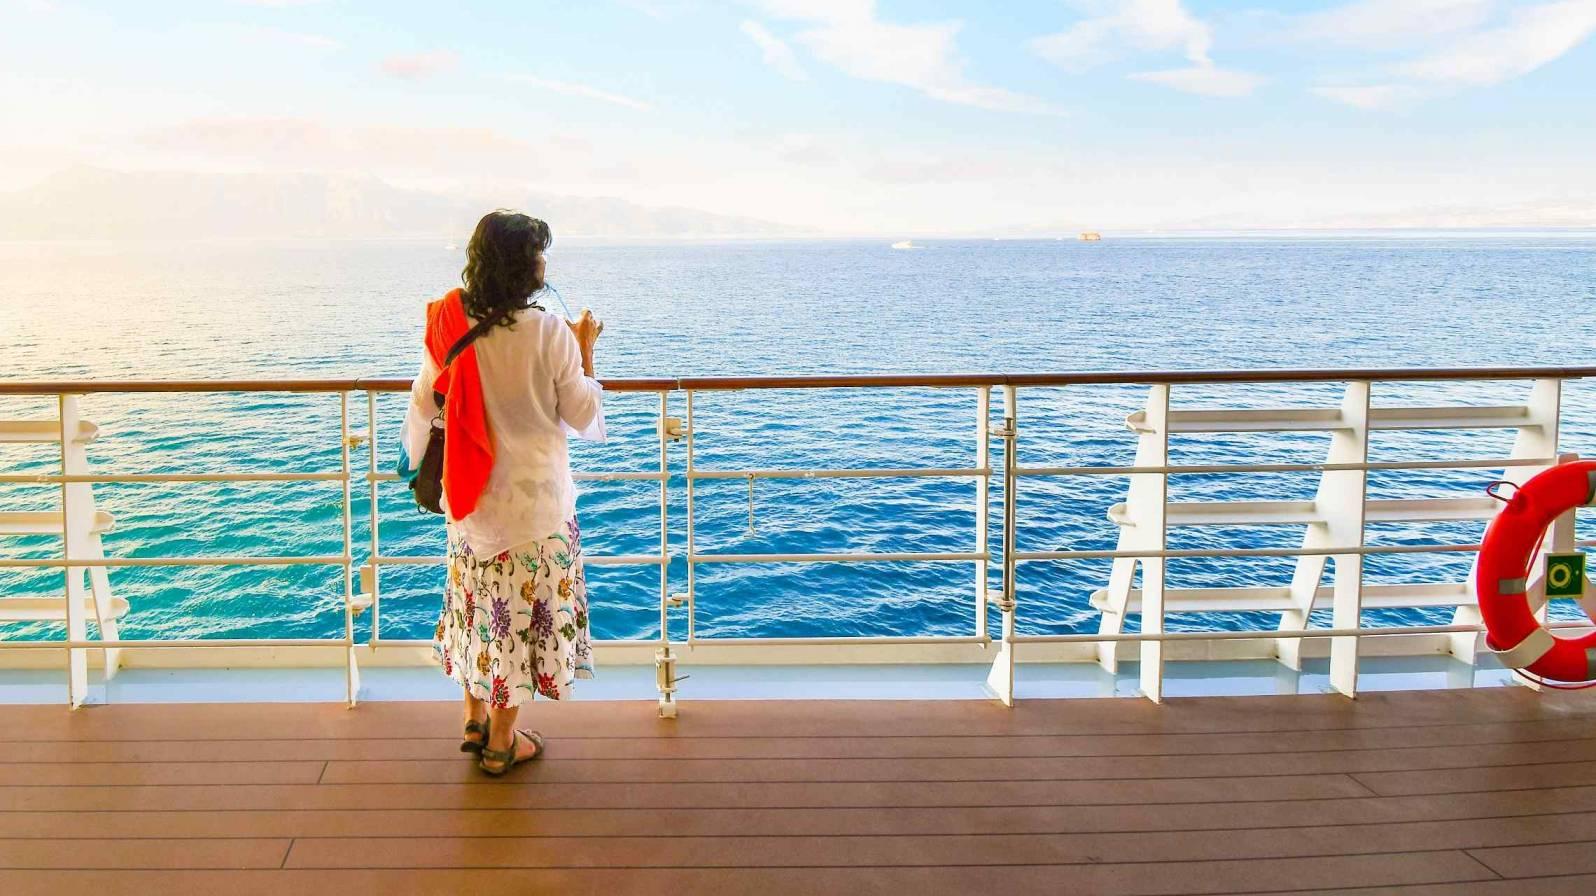 Yksin matkustaminen – miten pärjään?